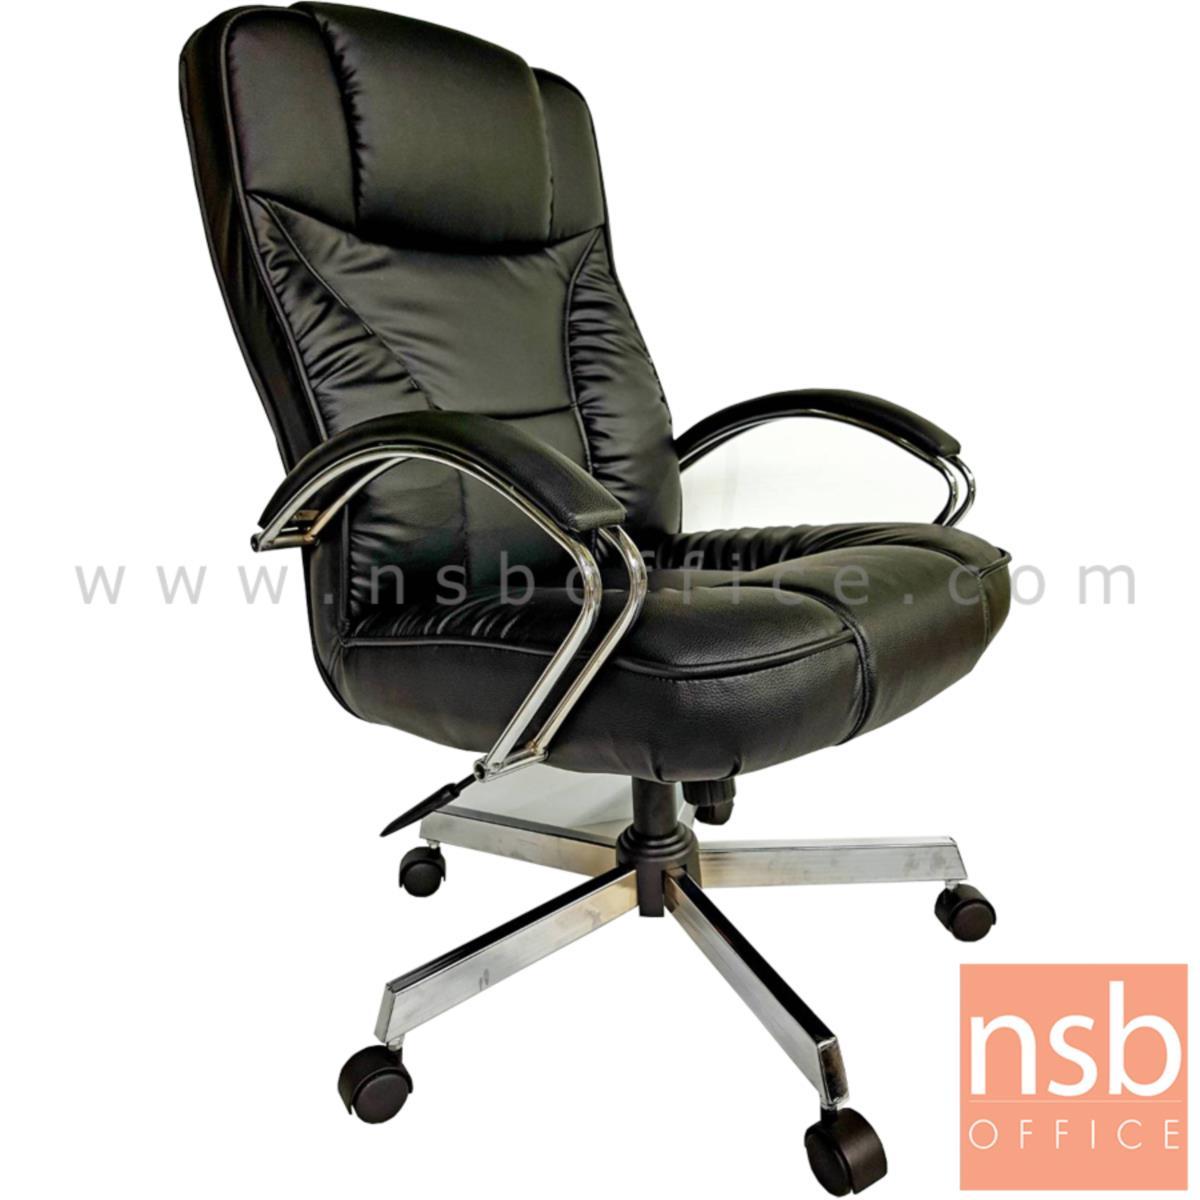 เก้าอี้ผู้บริหาร รุ่น HC-M2013 โช๊คแก๊ส มีก้อนโยก ขาเหล็กชุบโครเมี่ยม